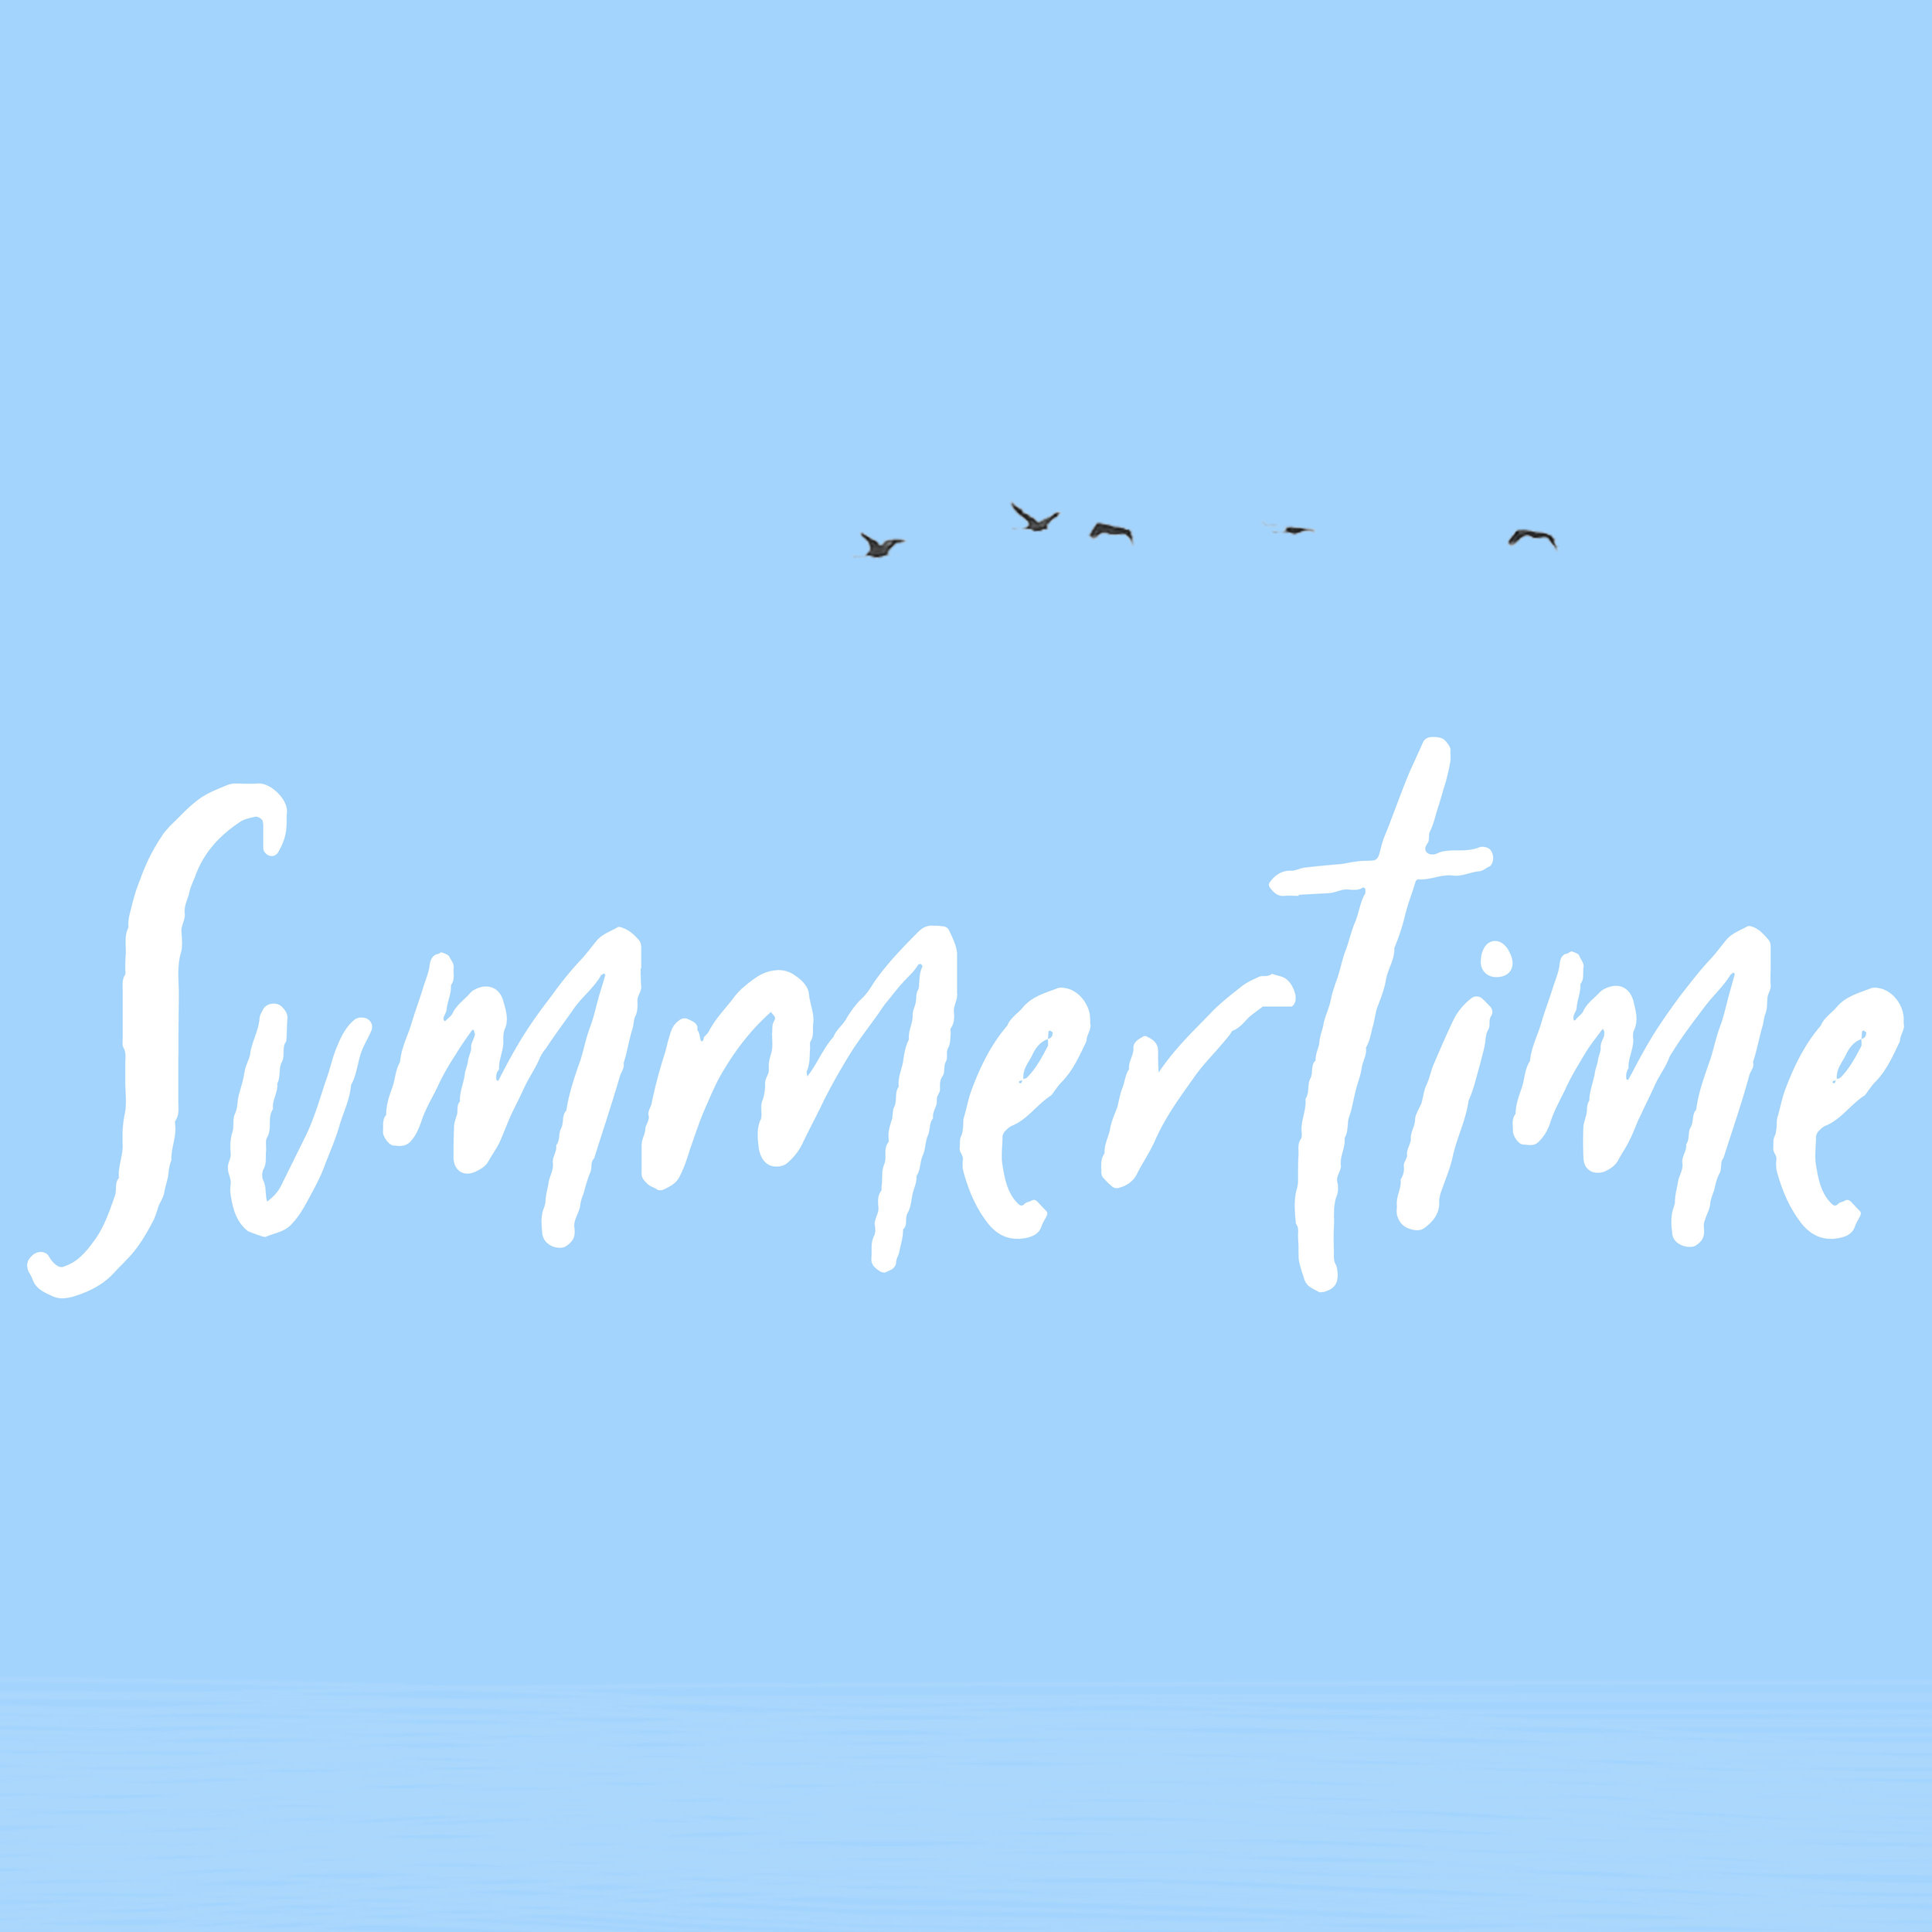 Summertime-01.jpg